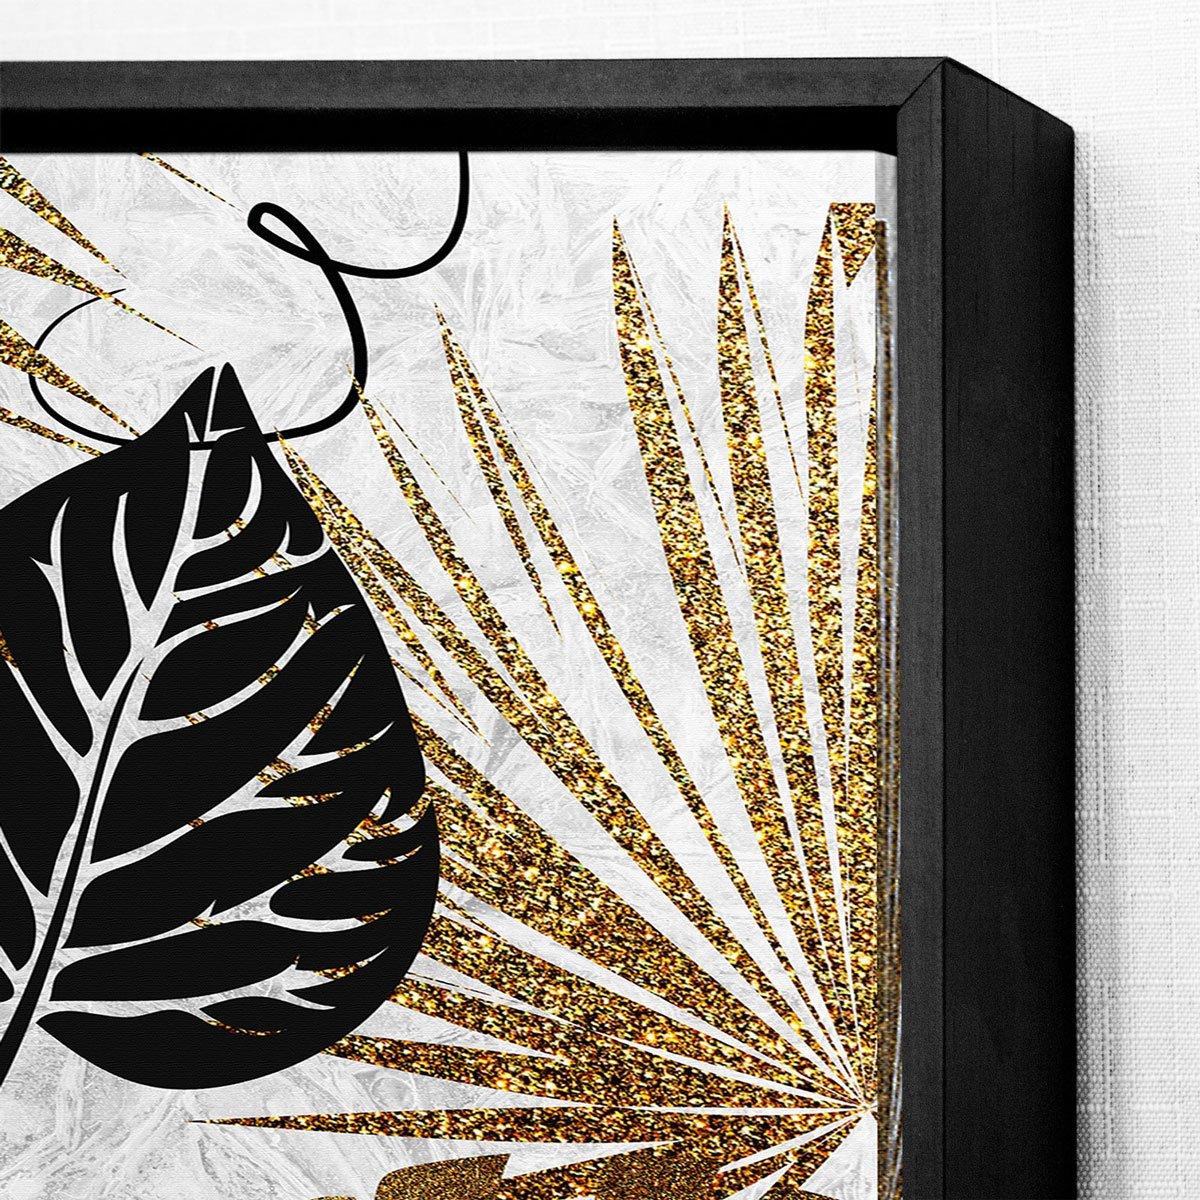 Quadro Decorativo Folhagens Tela Canvas com Moldura 70x90 cm